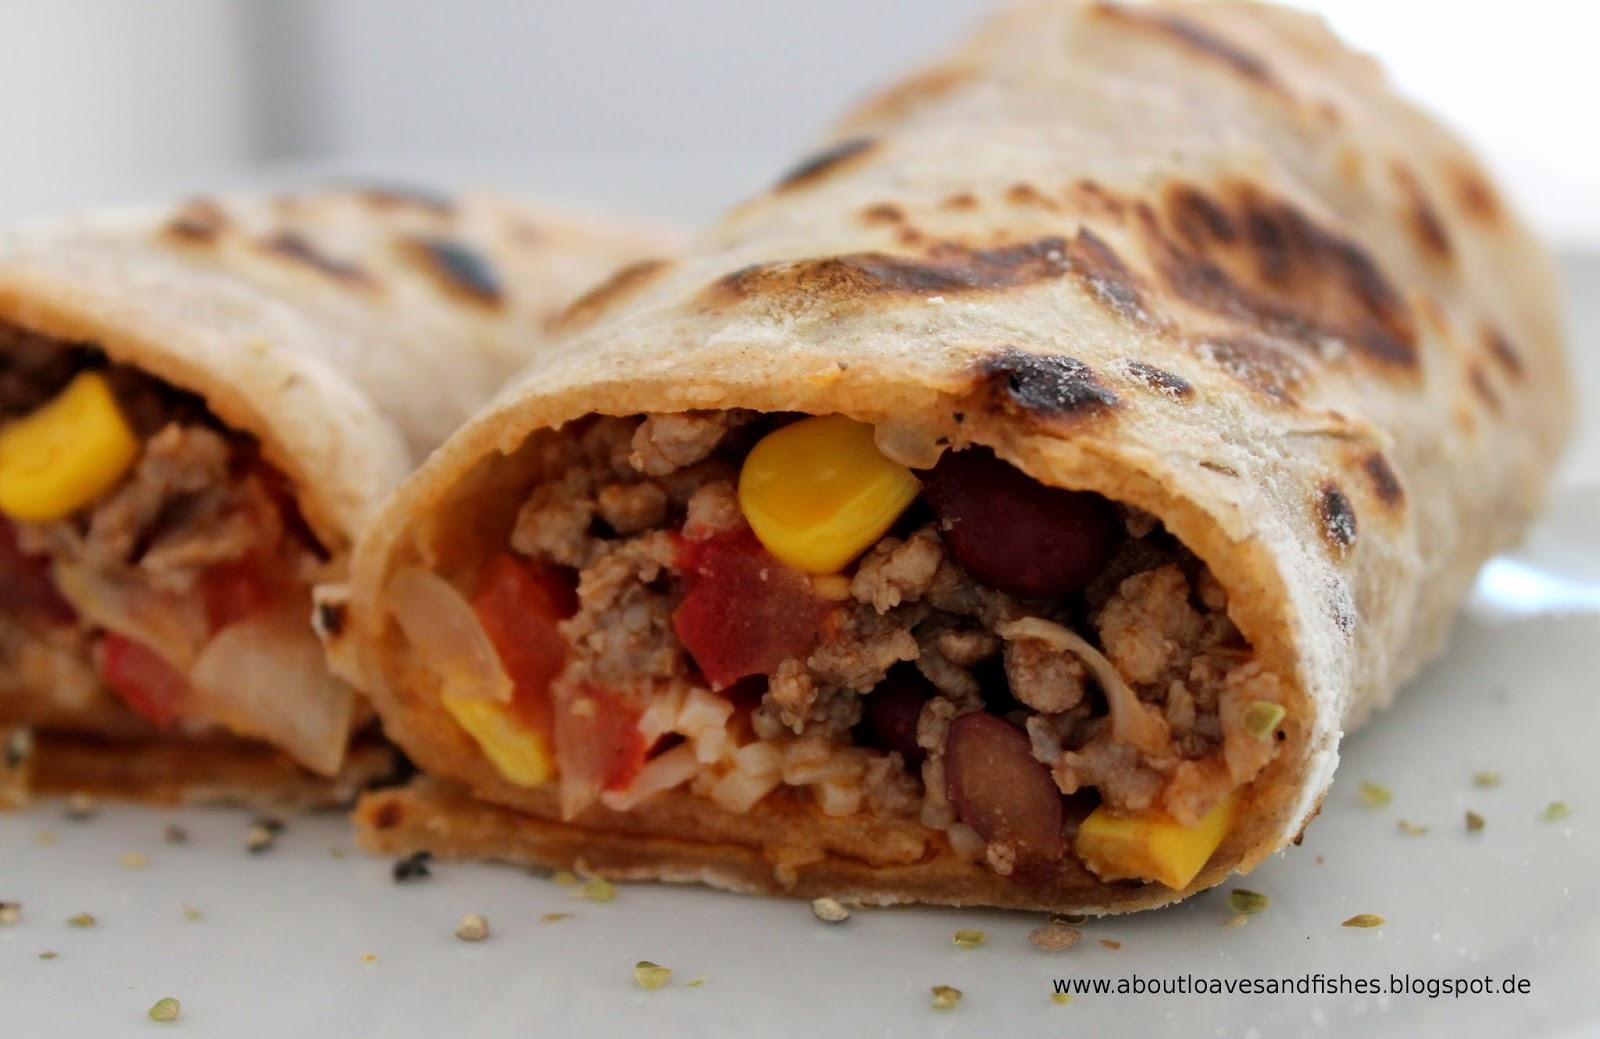 Mexikanische Wraps mit Füllung a la Chili con Carne